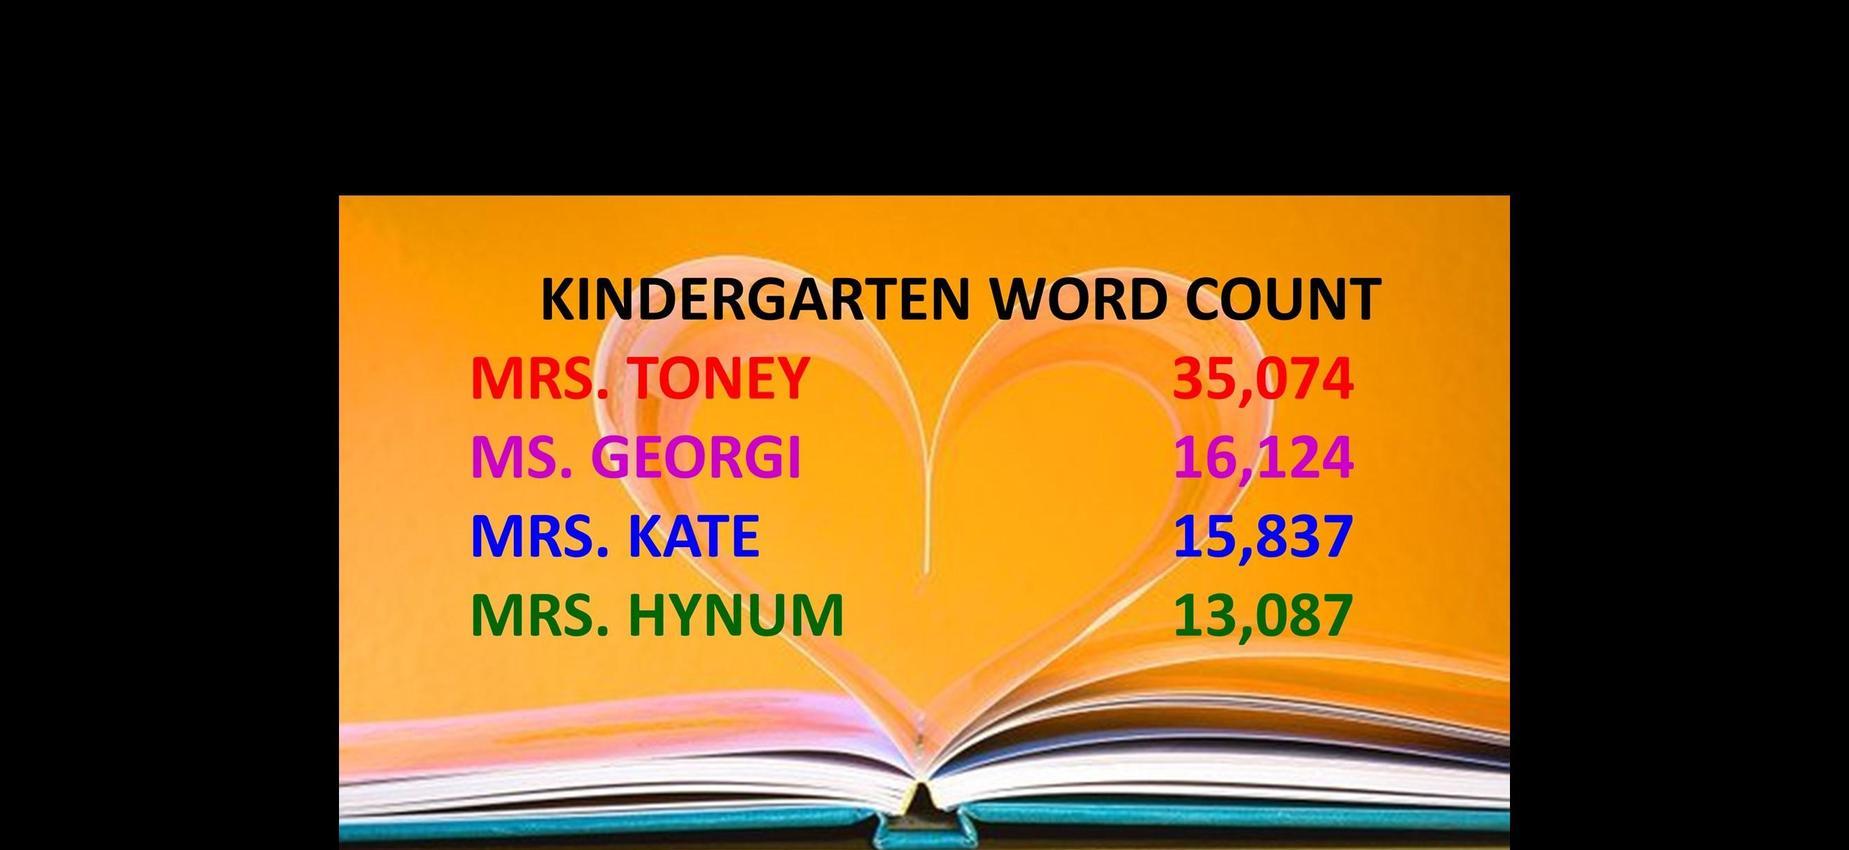 Kindergarten Word Count